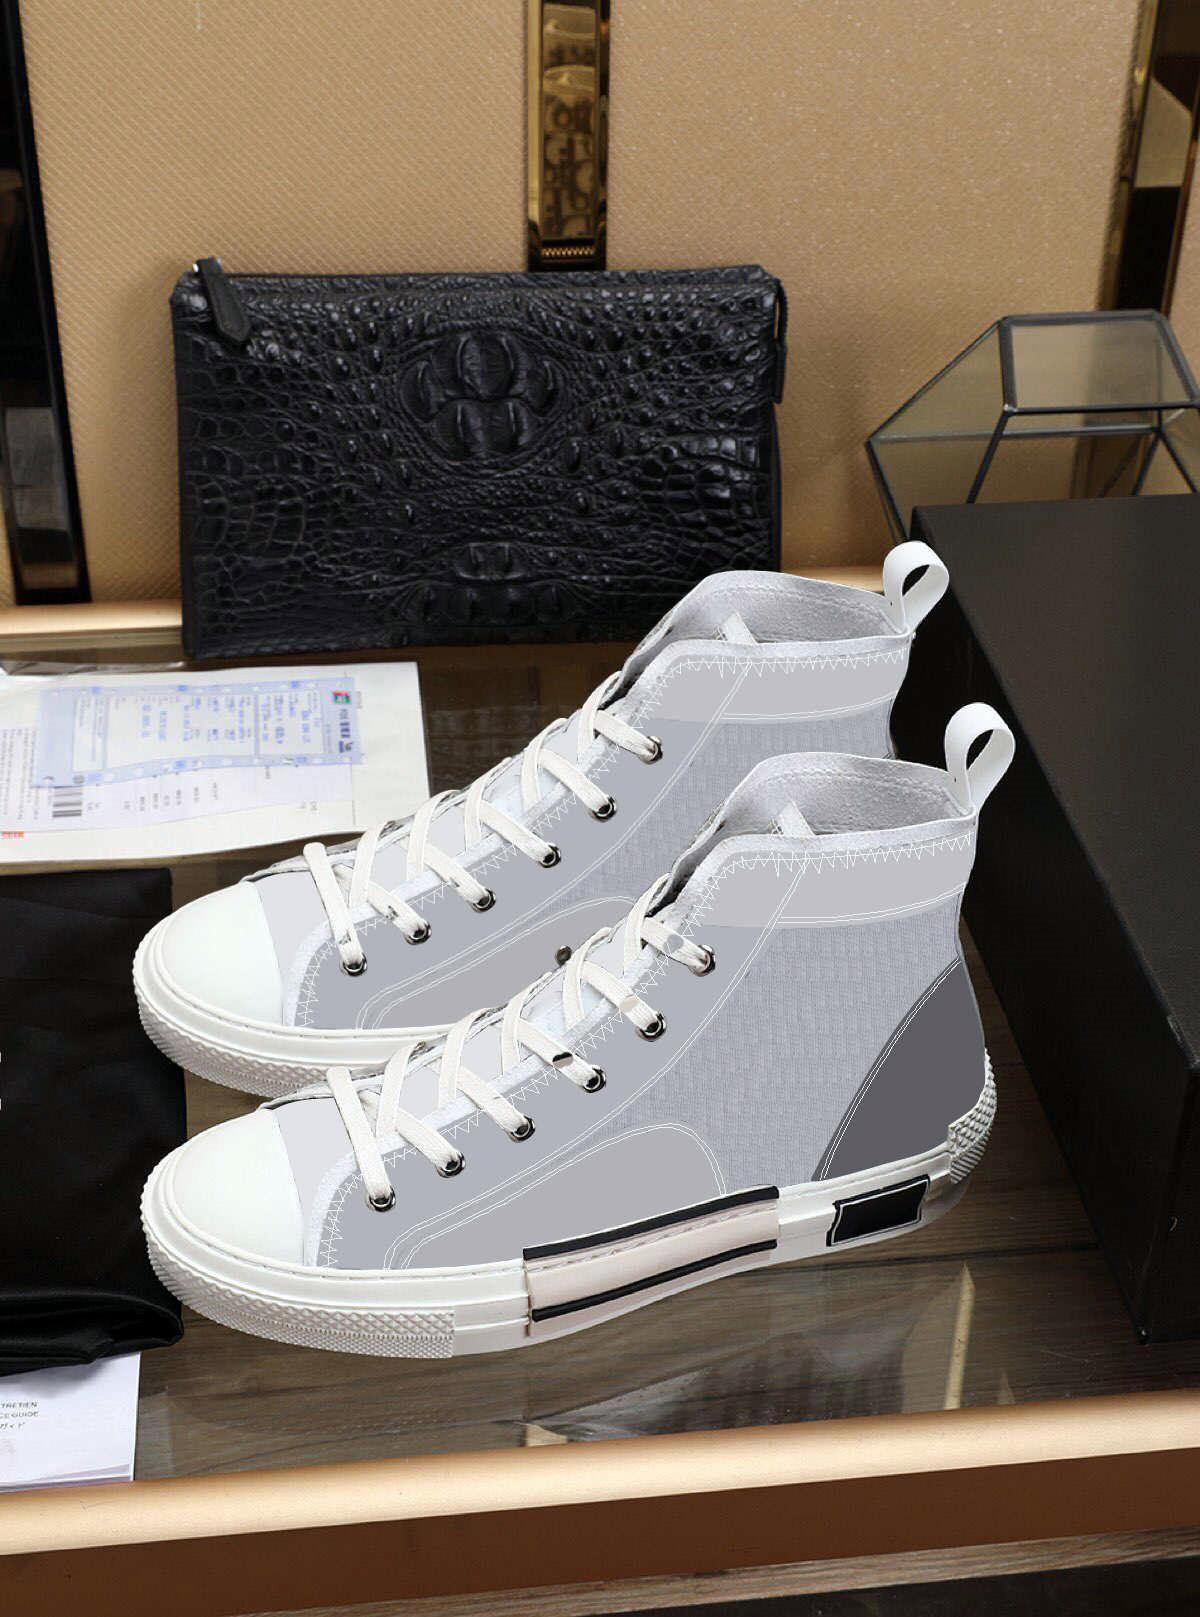 2021 جديد طبعة محدودة مخصص أحذية قماش المطبوعة، والأزياء متعددة الاستخدامات عالية ومنخفضة الأحذية، مع حجم الأحذية التعبئة والتغليف الأصلي 35-45